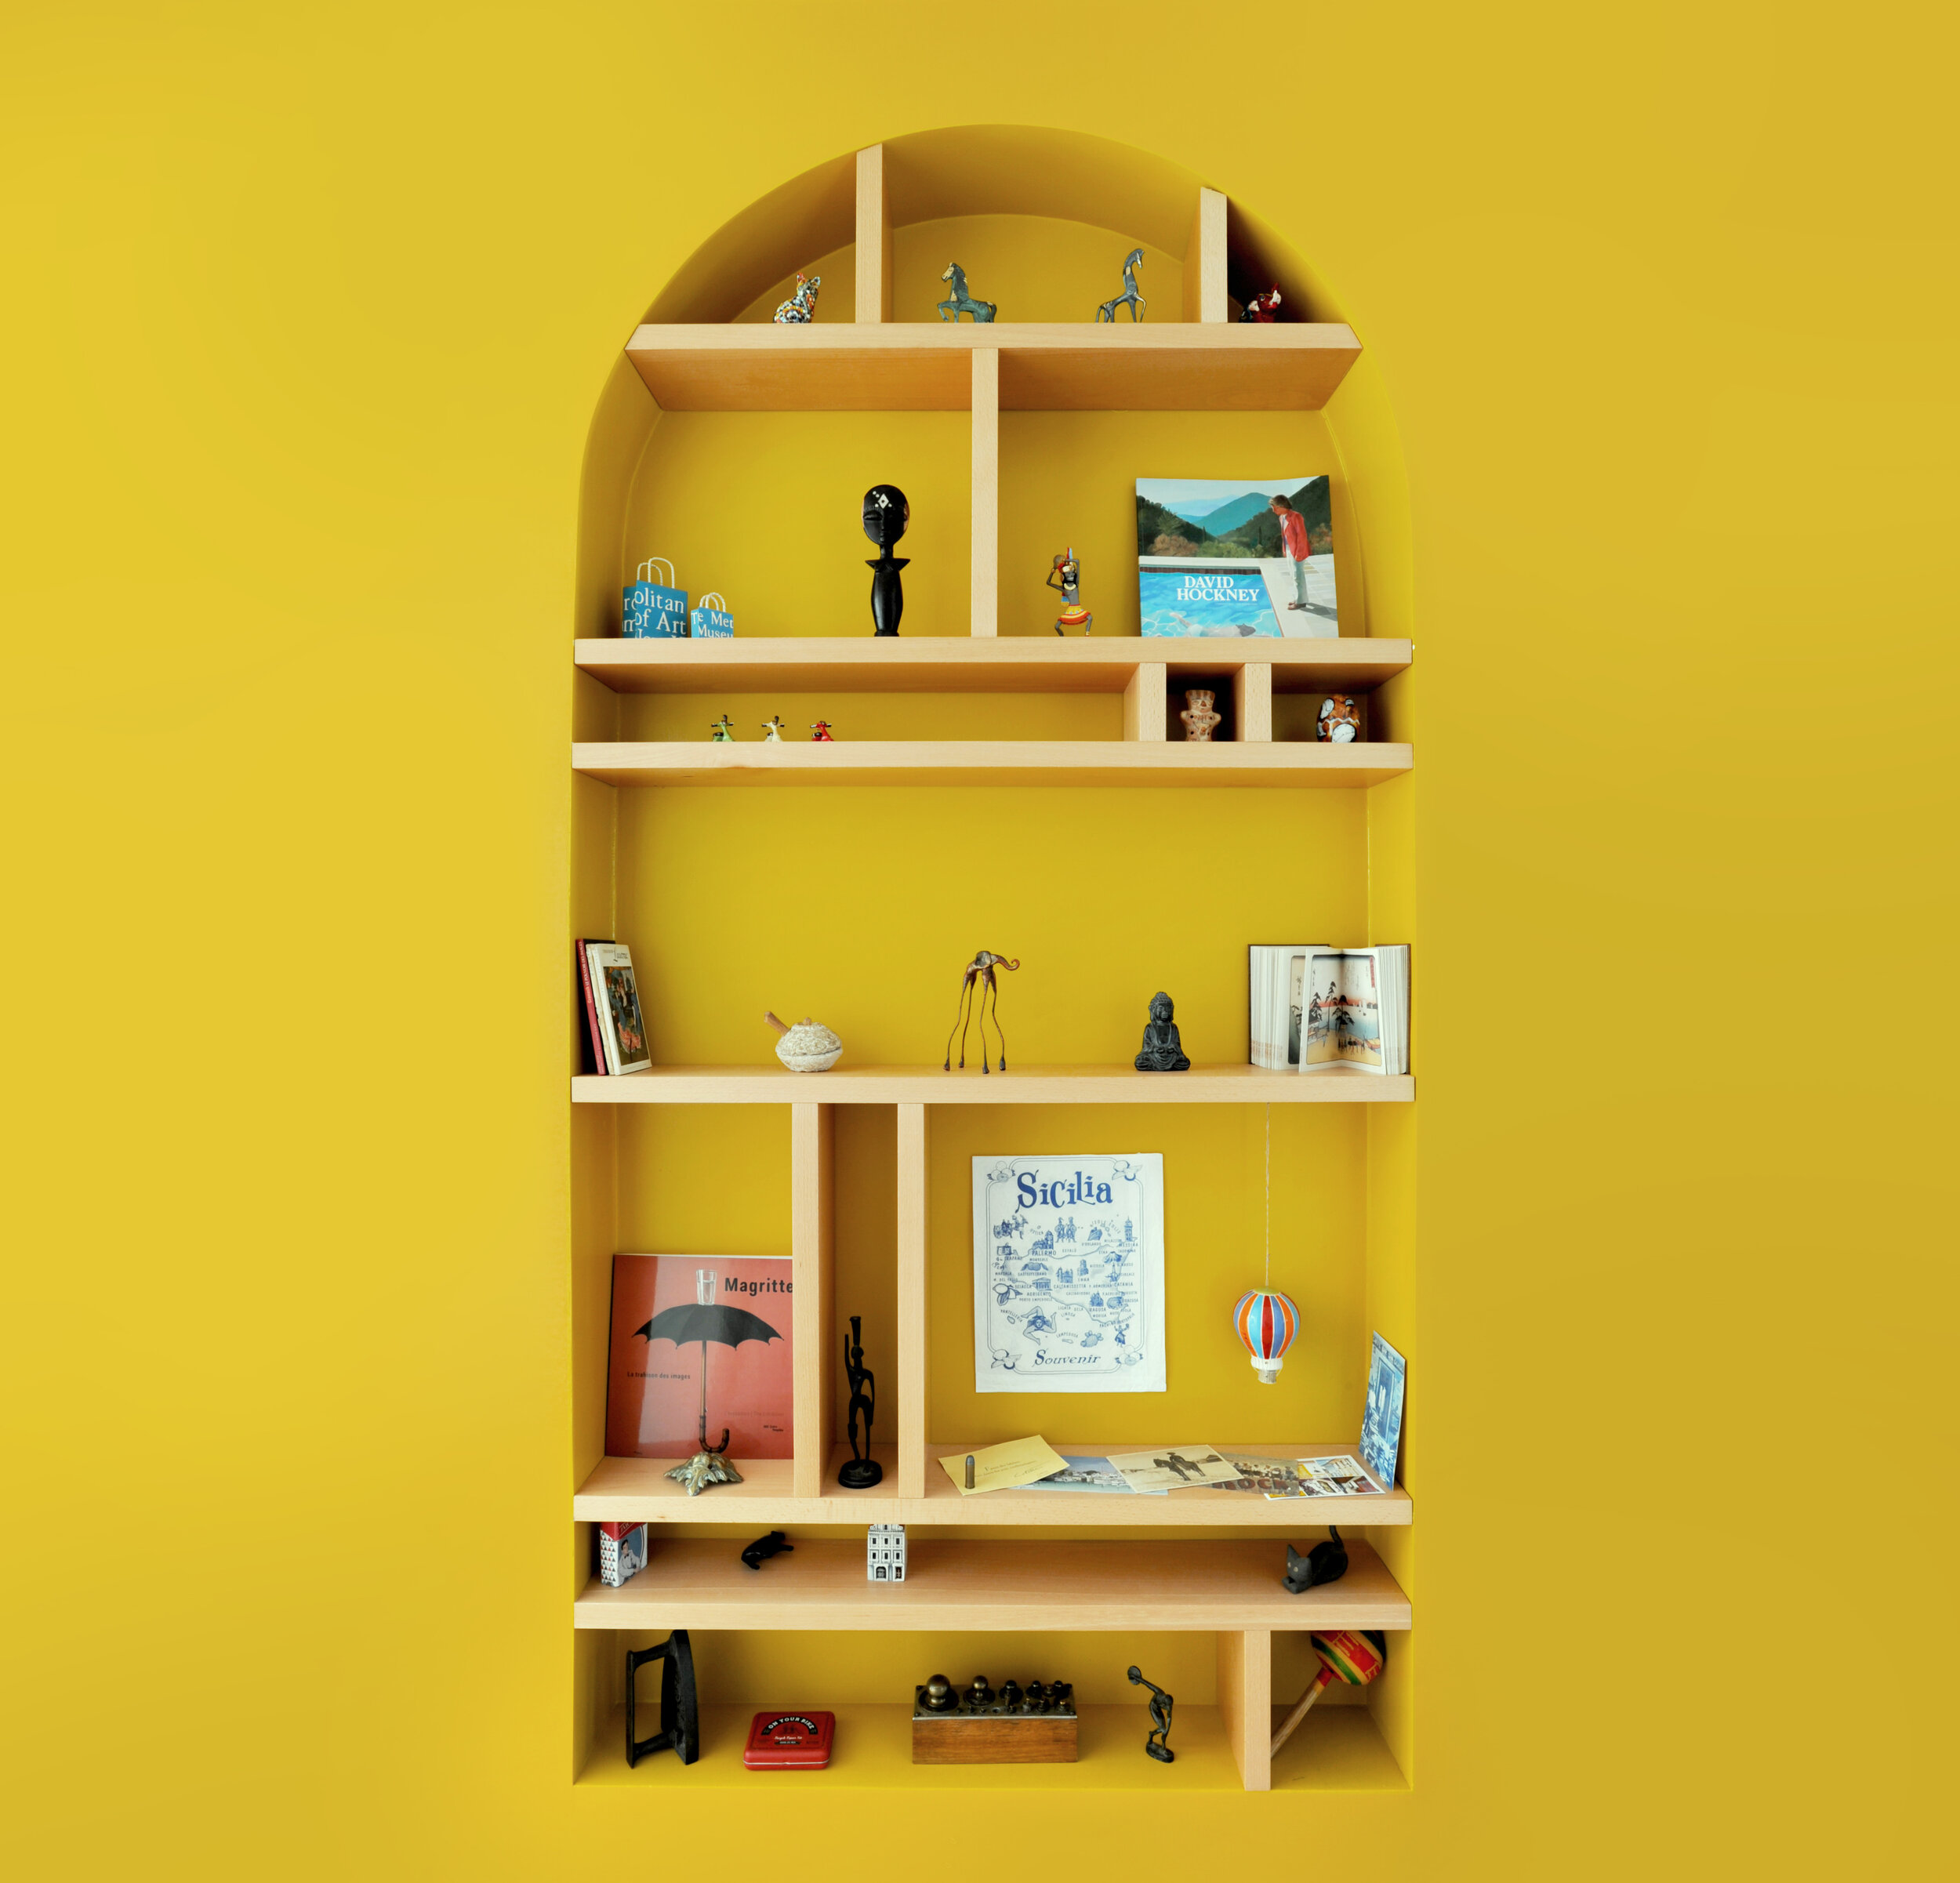 maison-bou-conception-de-meubles.jpg